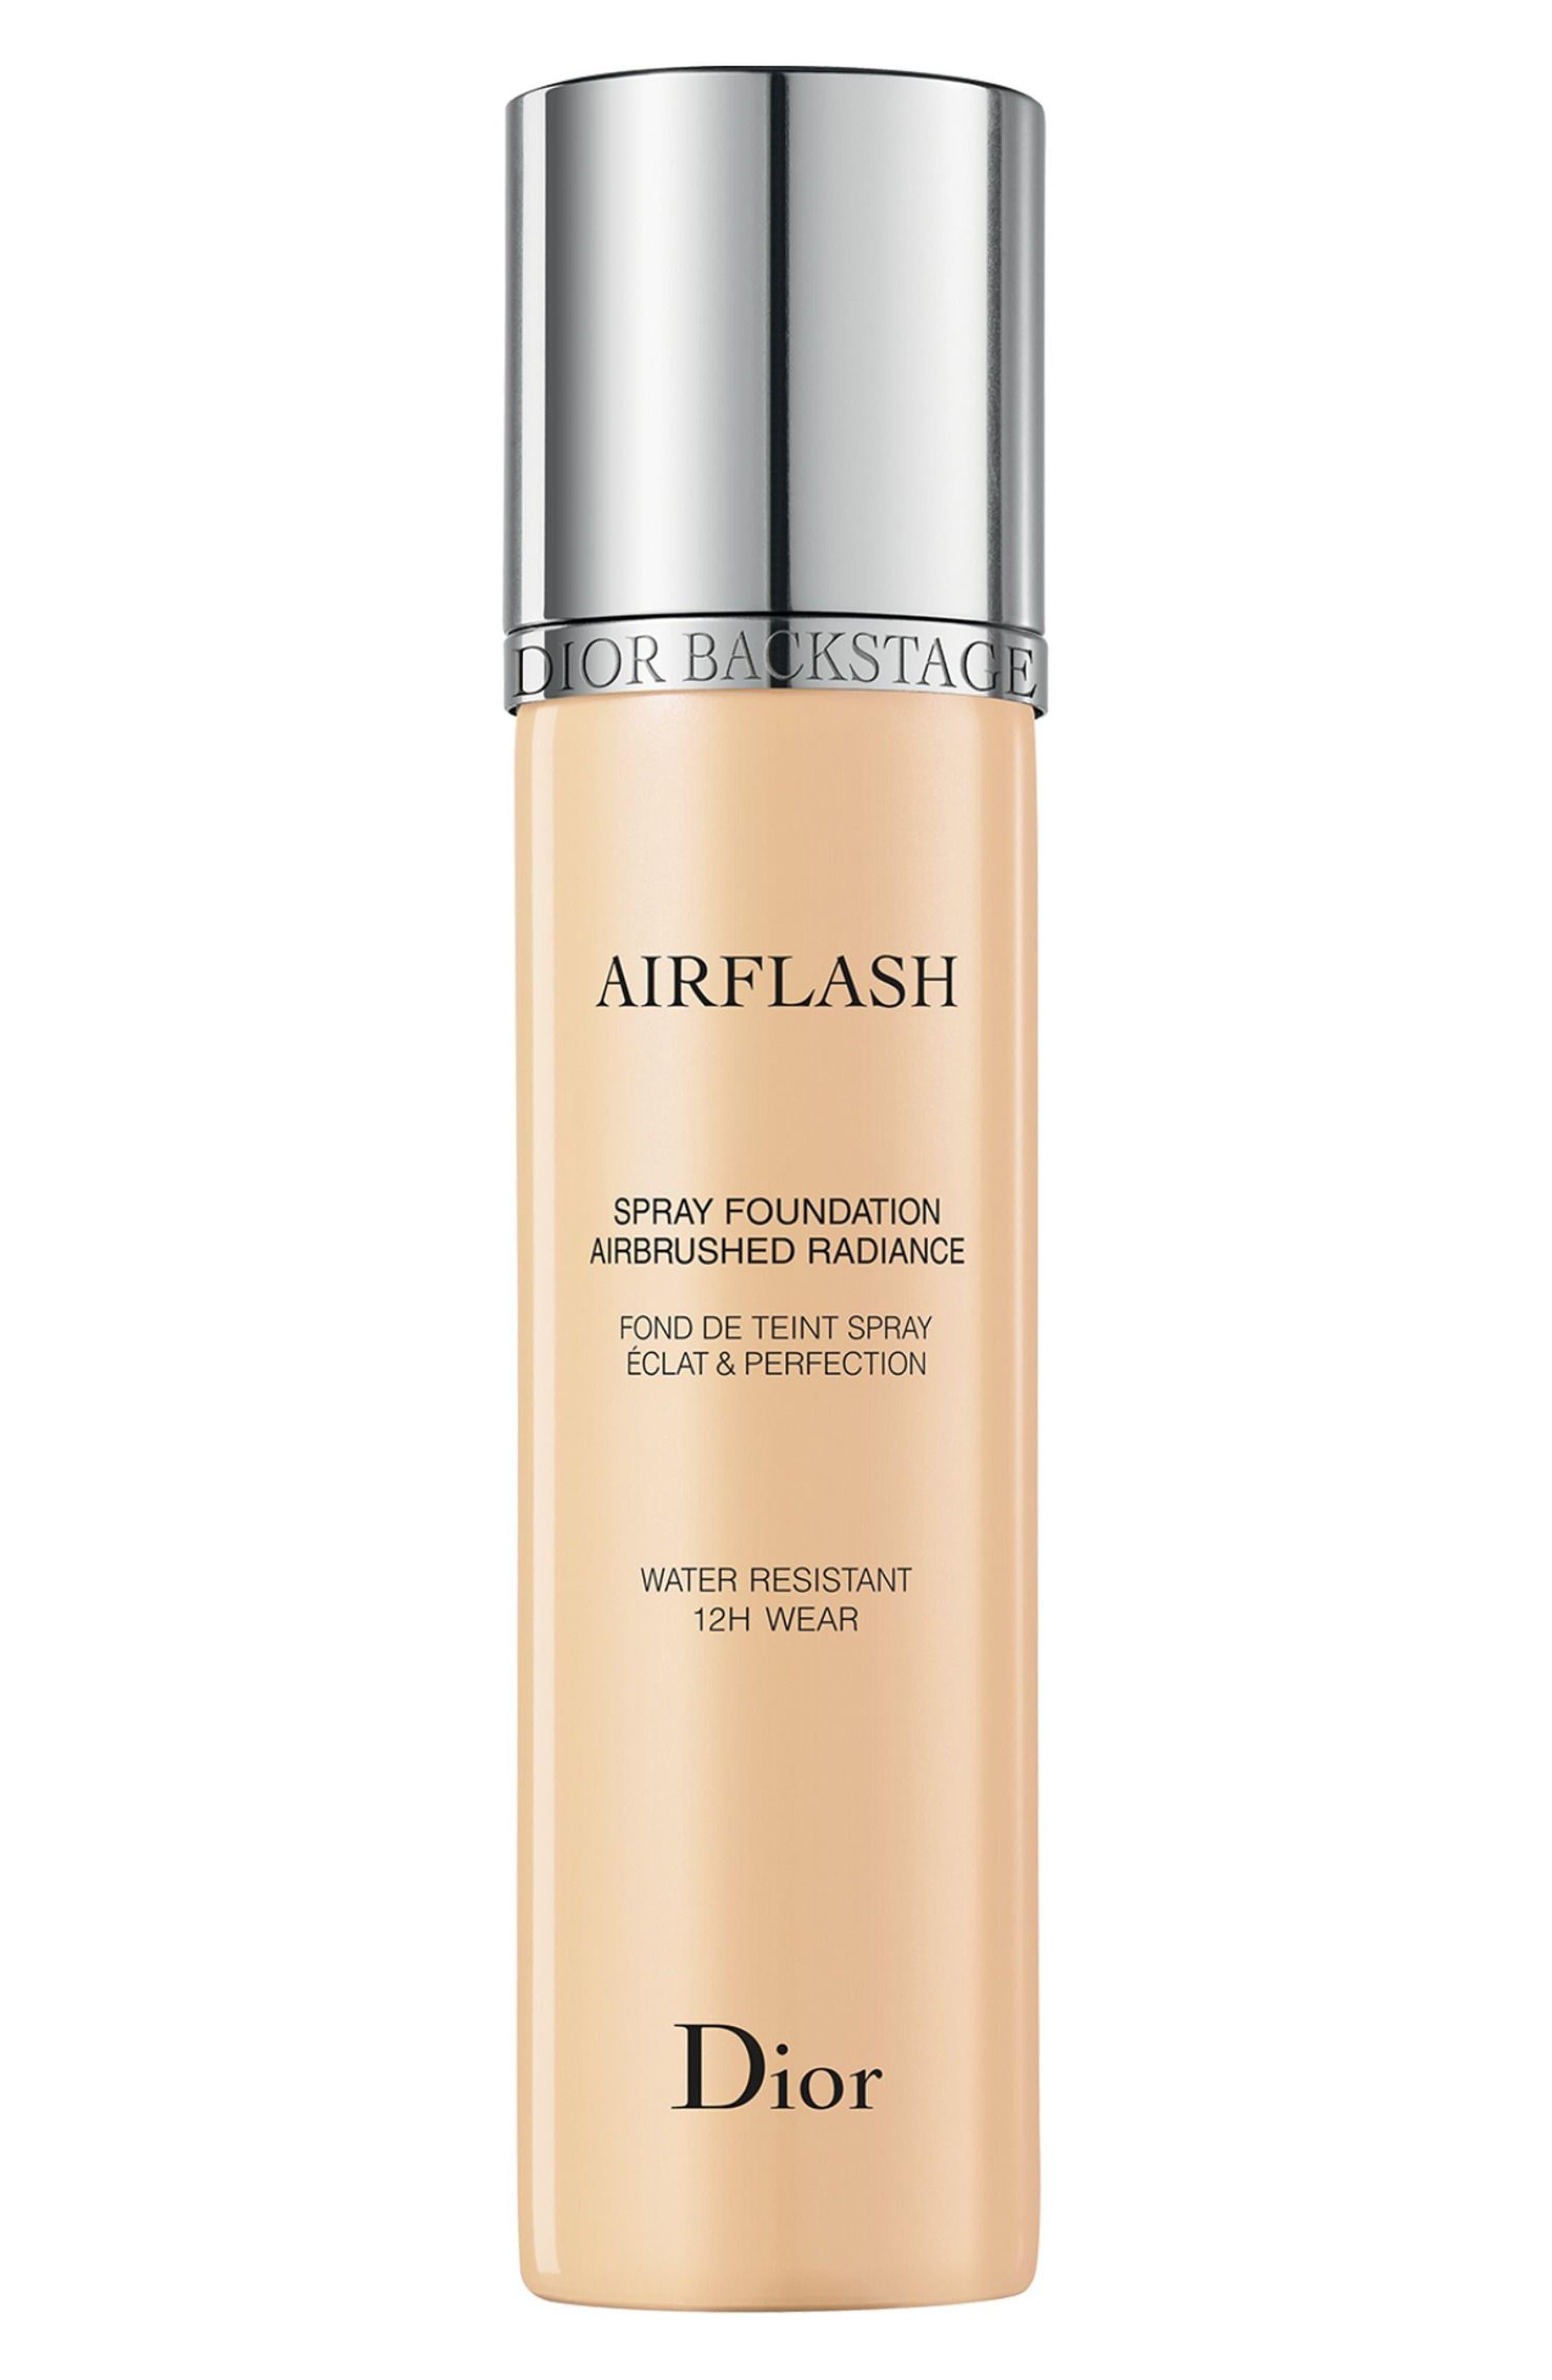 Dior Diorskin Airflash Spray Foundation - 101 Creme